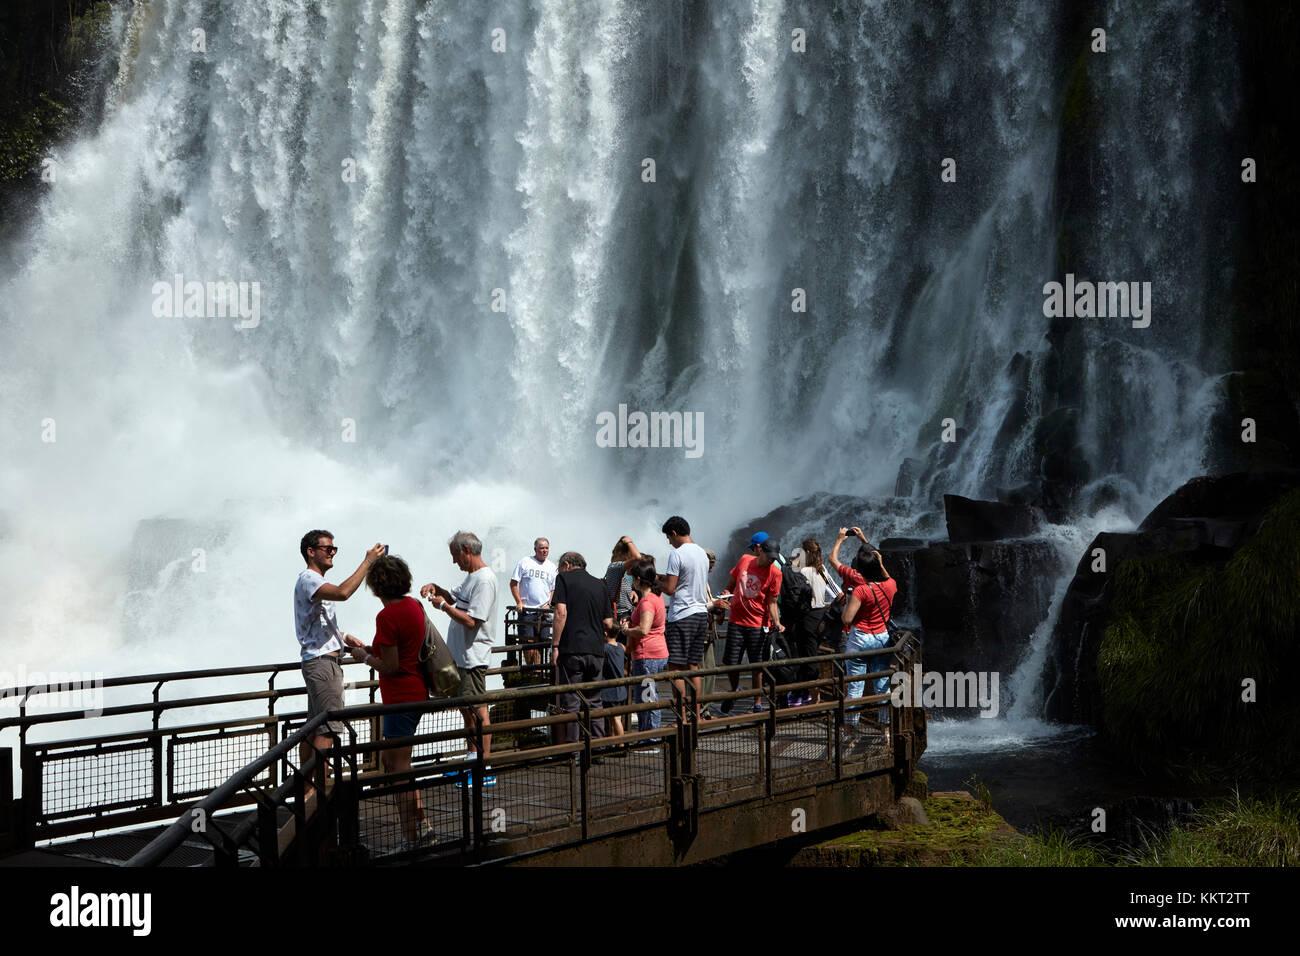 Turistas en observación por las Cataratas del Iguazú, en la frontera Argentina - Brasil, Sudamérica Foto de stock